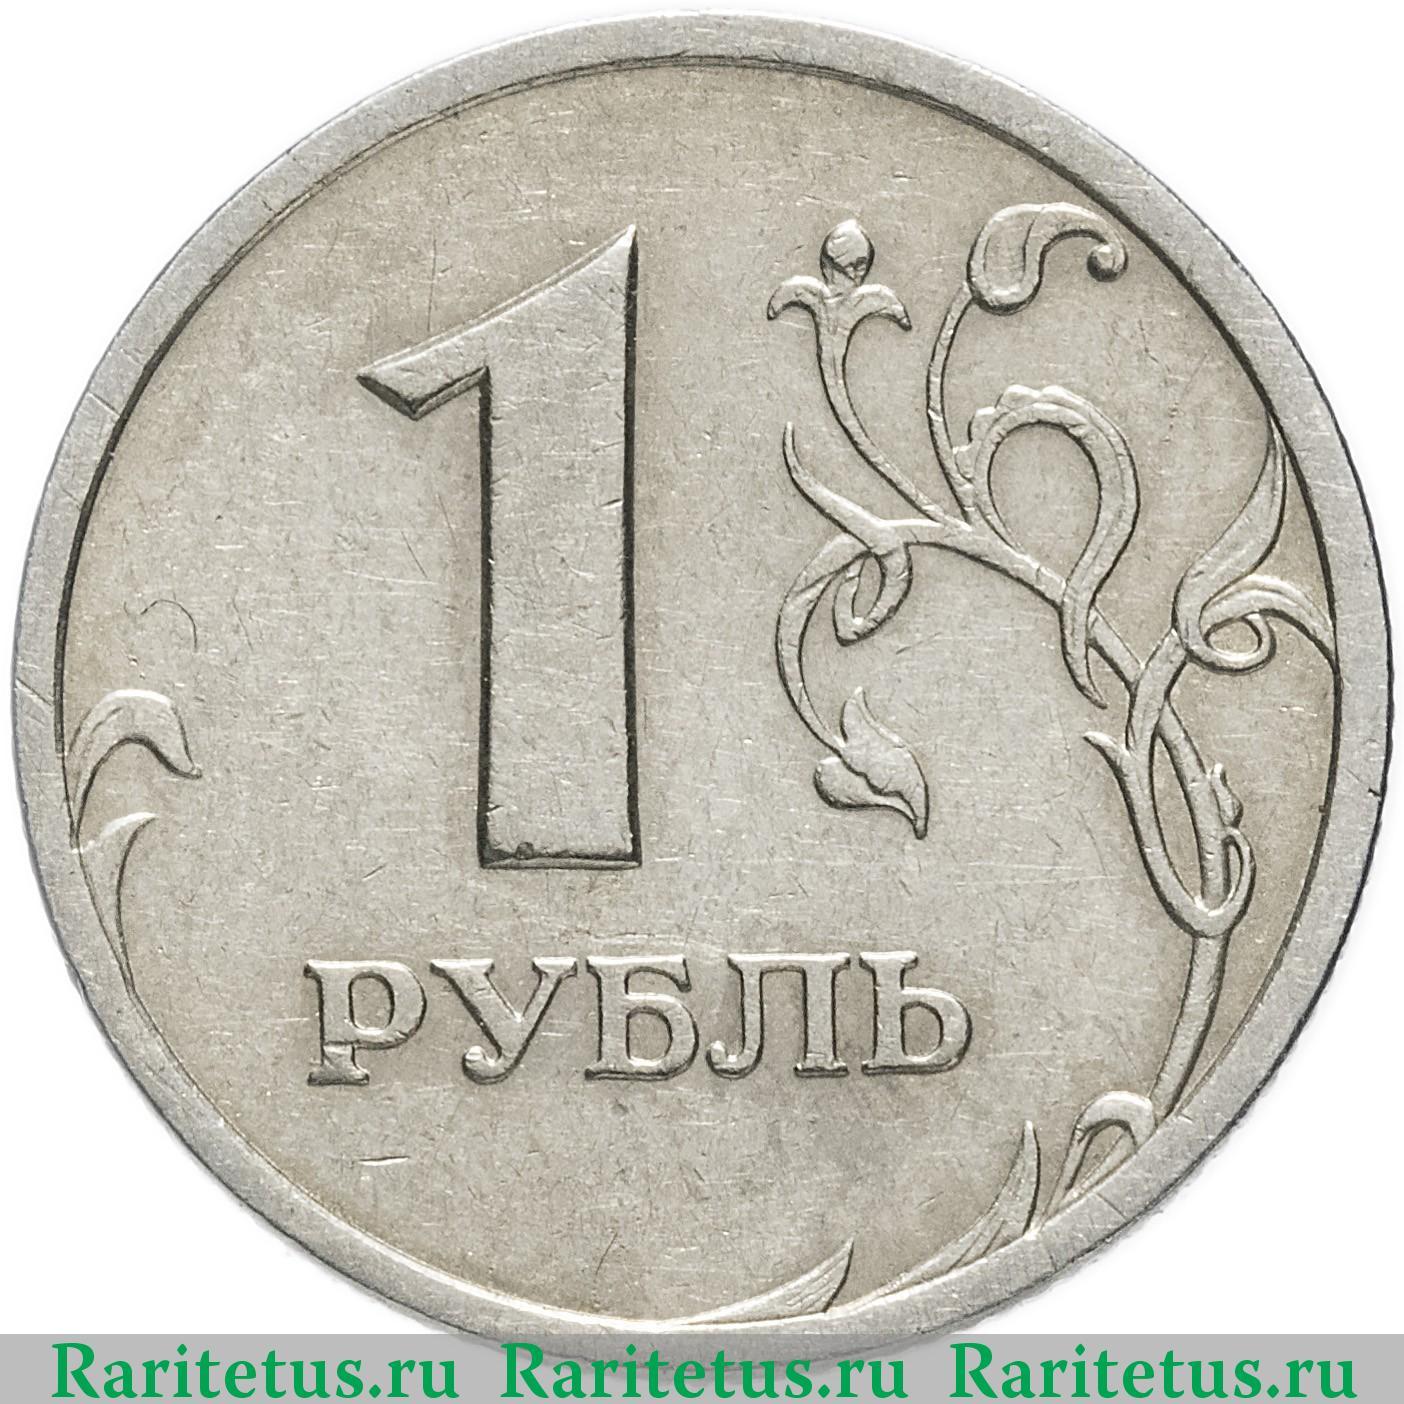 20 тенге 2006 года цена стоимость монеты за 1 штуку как по другому можно назвать деньги